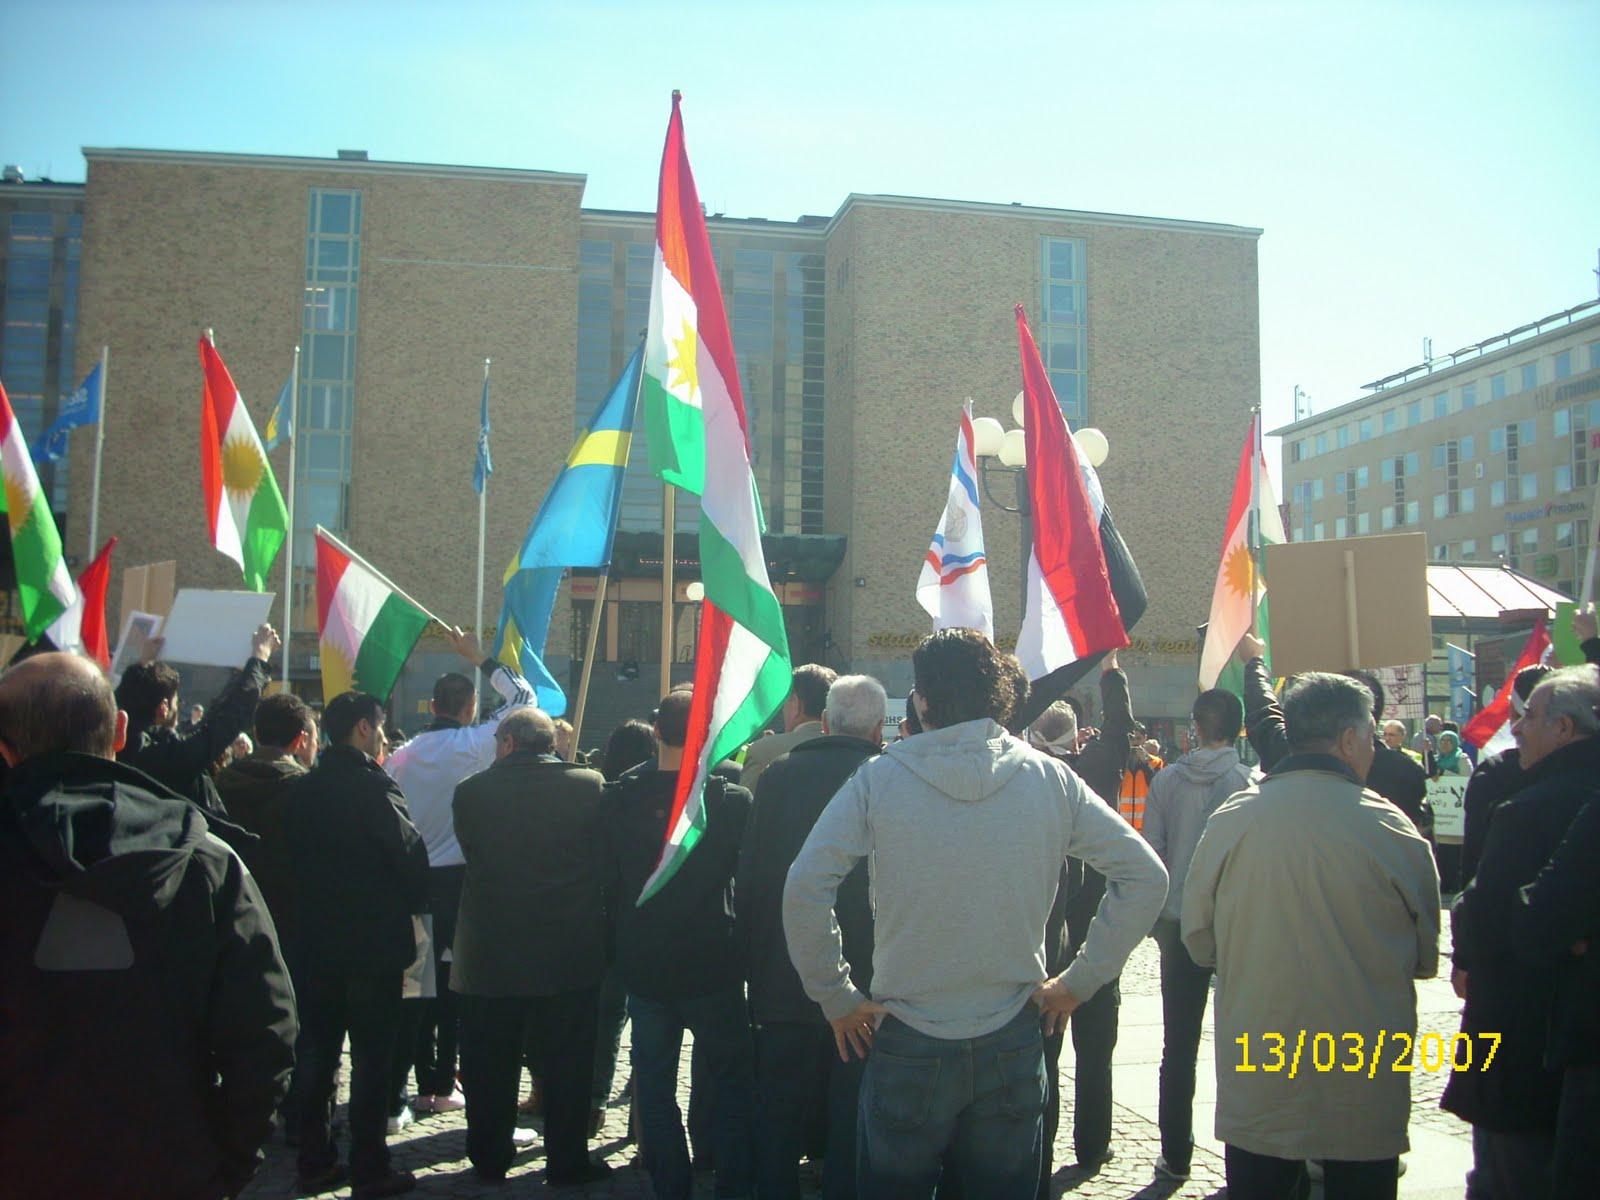 Arabforbundet utesluter syrien for att pressa assad